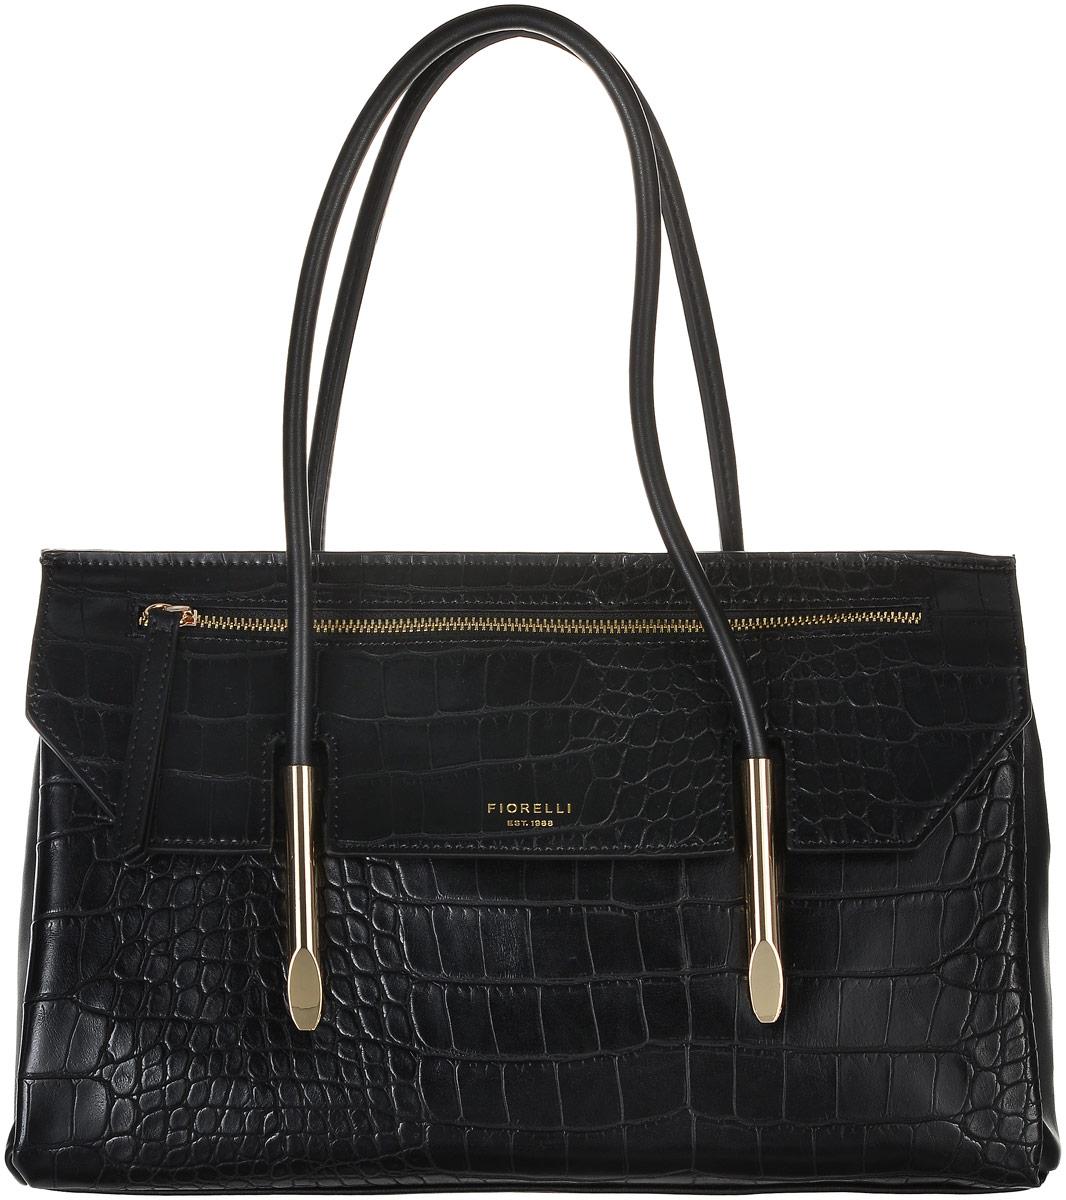 Сумка женская Fiorelli, цвет: черный. 8503 FH8503 FH BlackСтильная женская сумка Fiorelli выполнена из искусственной кожи с тиснением под рептилию и декорирована золотистой фурнитурой. Закрывается клапаном на магнитную застежку, клапан оформлен декоративным карманом на молнии. Сумка имеет вместительное основное отделение, которое разделено текстильной перегородкой, содержащей скрытый карман на молнии. Внутри имеется прорезной карман на застежке-молнии и четыре открытых пришивных кармана для телефона и мелочей. Снаружи на задней стенке располагается накладной карман. Сумка оснащена небольшими металлическими ножками, которые будут предохранять ее дно от преждевременного износа, трения о твердые поверхности, а также от загрязнения. Роскошная сумка внесет элегантные нотки в ваш образ и подчеркнет ваше отменное чувство стиля. Дизайн продукции Fiorelli разрабатывается в Лондоне молодой, амбициозной командой, идущей в ногу со временем и предлагающей модели, которые предназначены для любых случаев, как для выхода в...